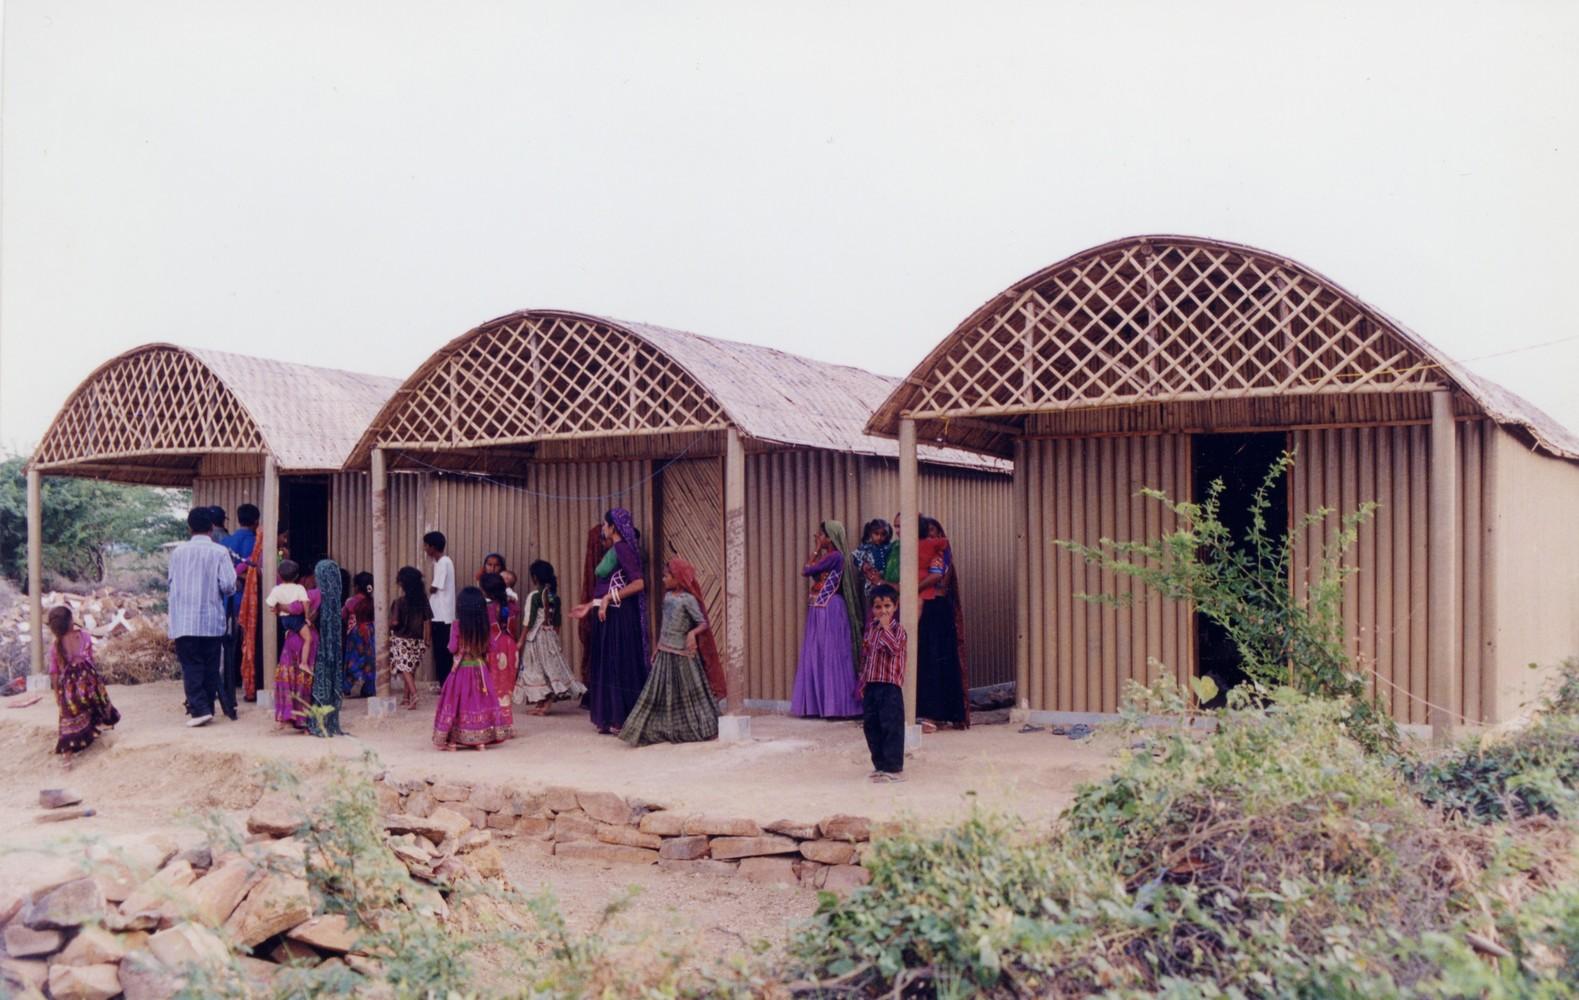 В 2001 году Сигэру Бан строил аналогичные дома для пострадавших от землетрясения в Индии. Поскольку это была бедная сельская местность, архитектор не мог использовать пластиковые элементы. Поэтому фундаментом хижин послужили камни домов, разрушенных землетрясением, а крышей — тростниковые рамы, проложенные соломенными подстилками